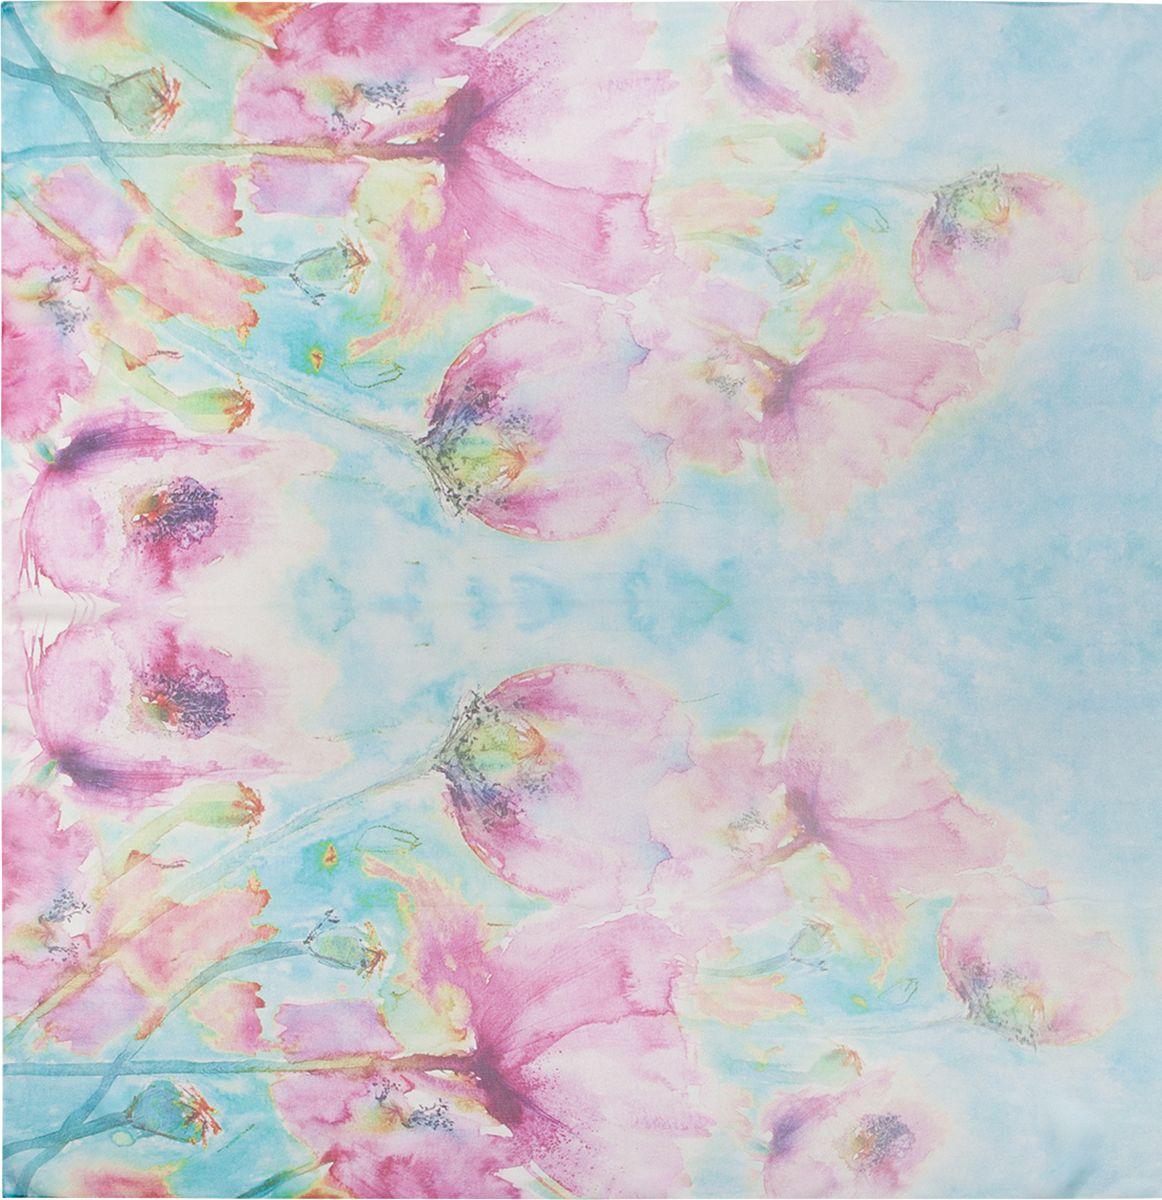 ПалантинSS02-7804Палантин Eleganzza изготовлен из шелка. Модель украшена цветочным принтом. Этот модный аксессуар гармонично дополнит ваш образ.